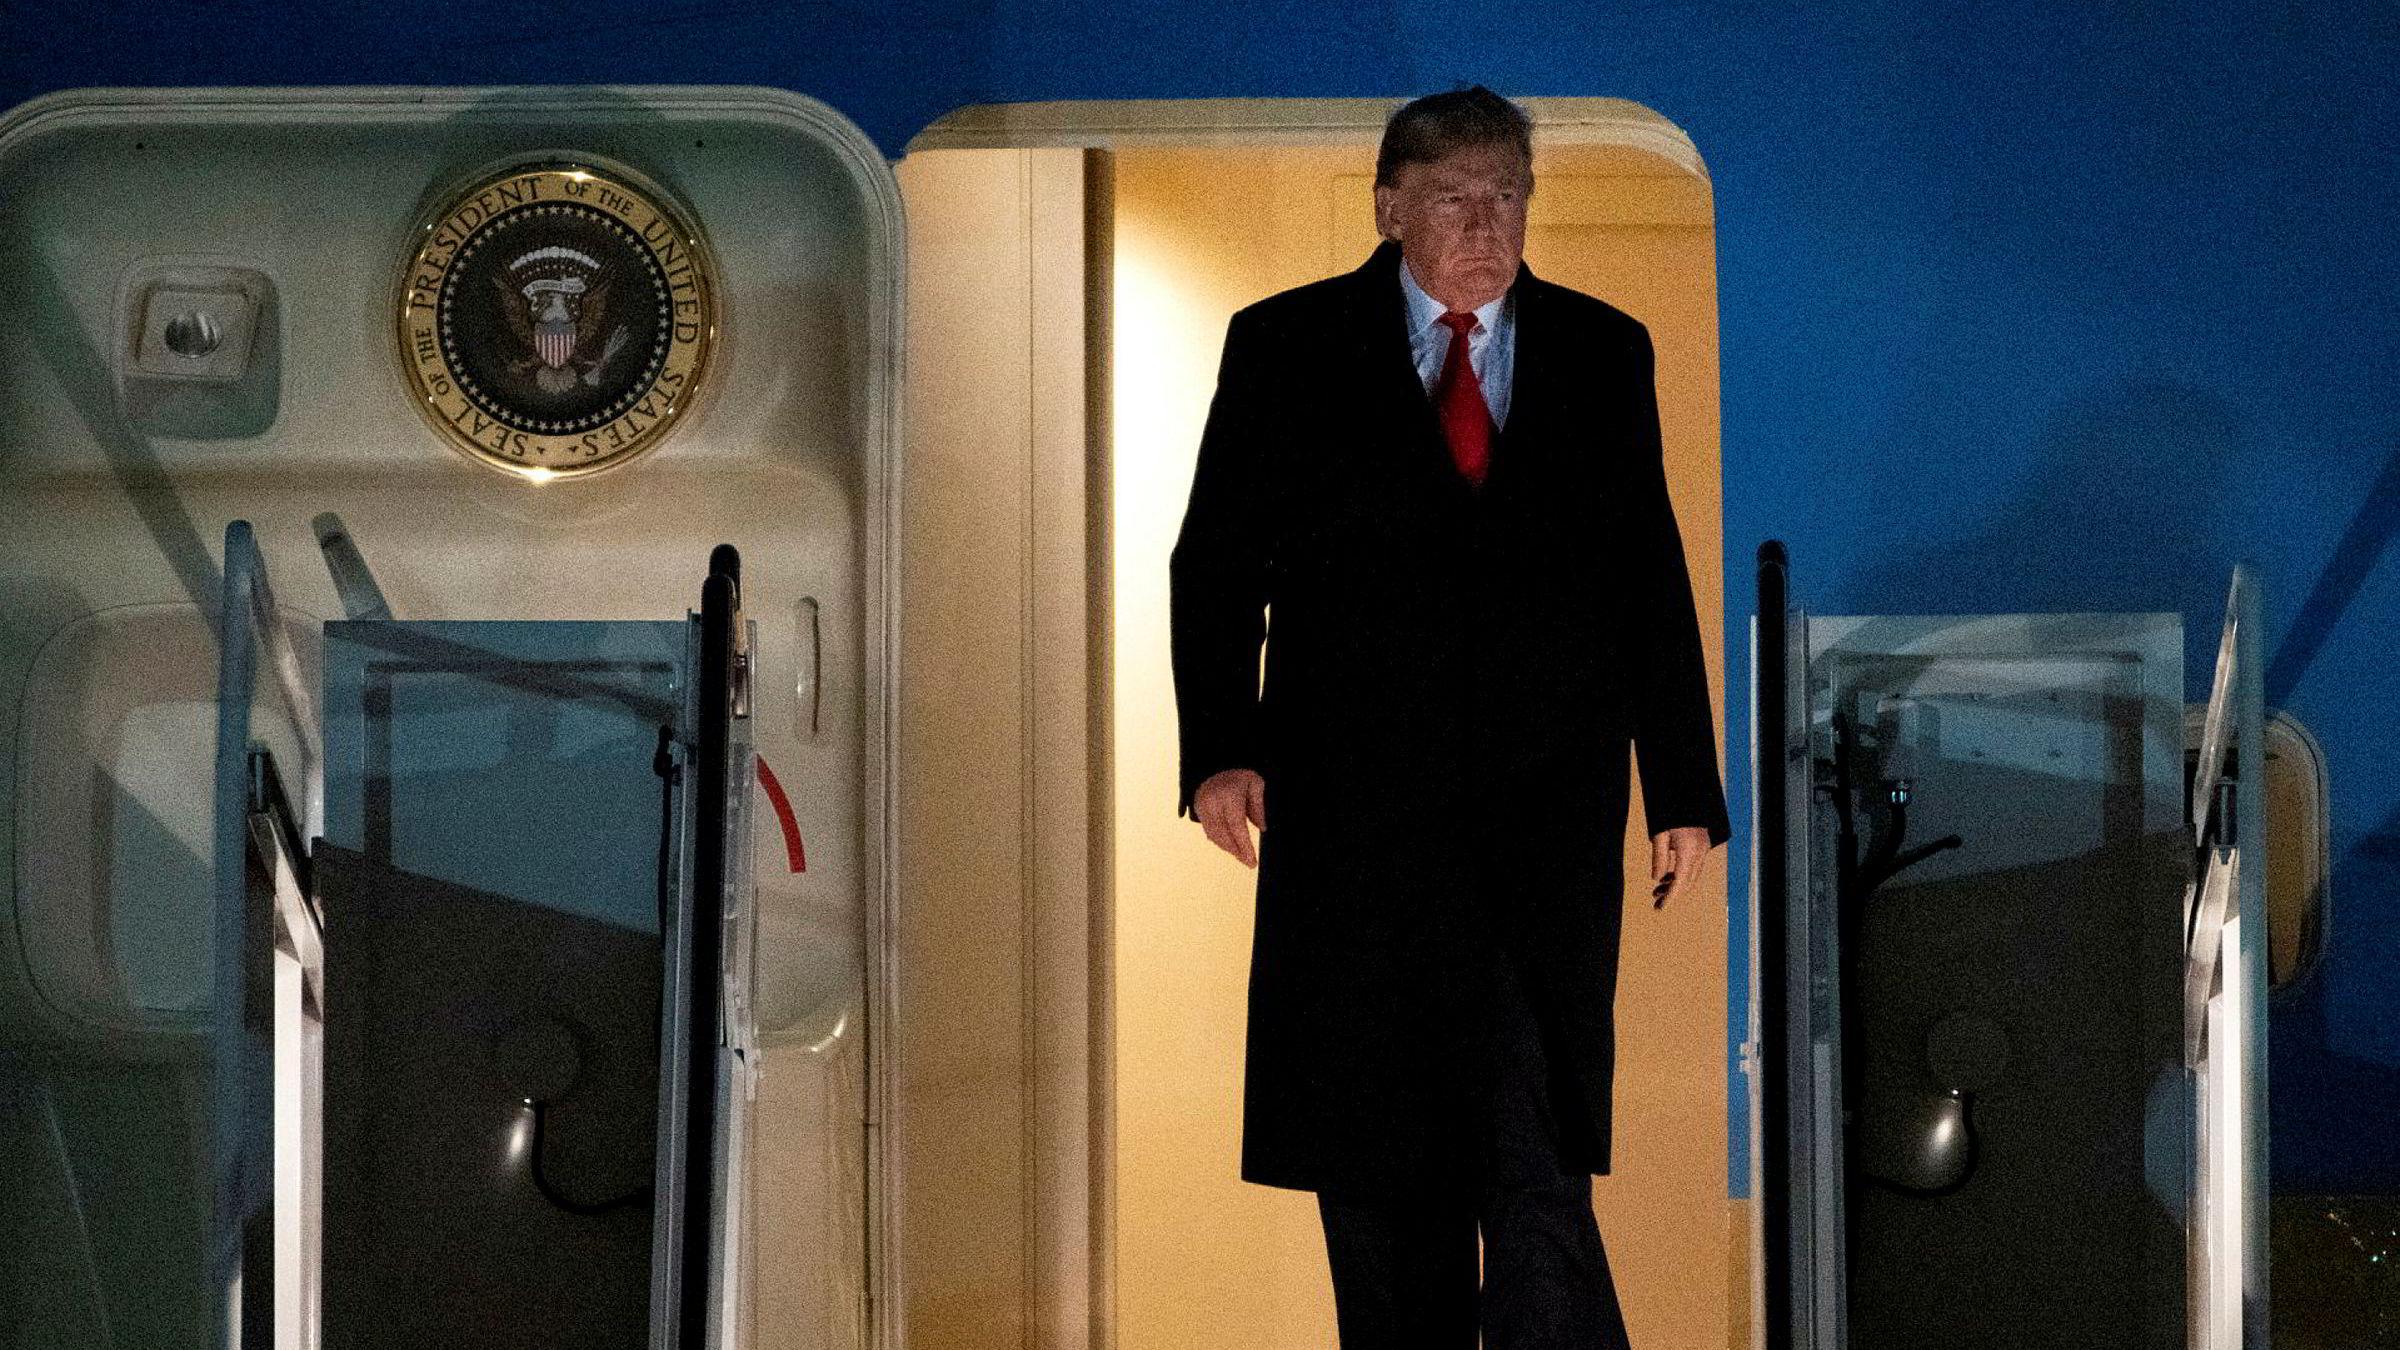 President Donald Trump sier at han er villig til å forhandle med Iran, men skjerper samtidig USAs sanksjoner mot landet.